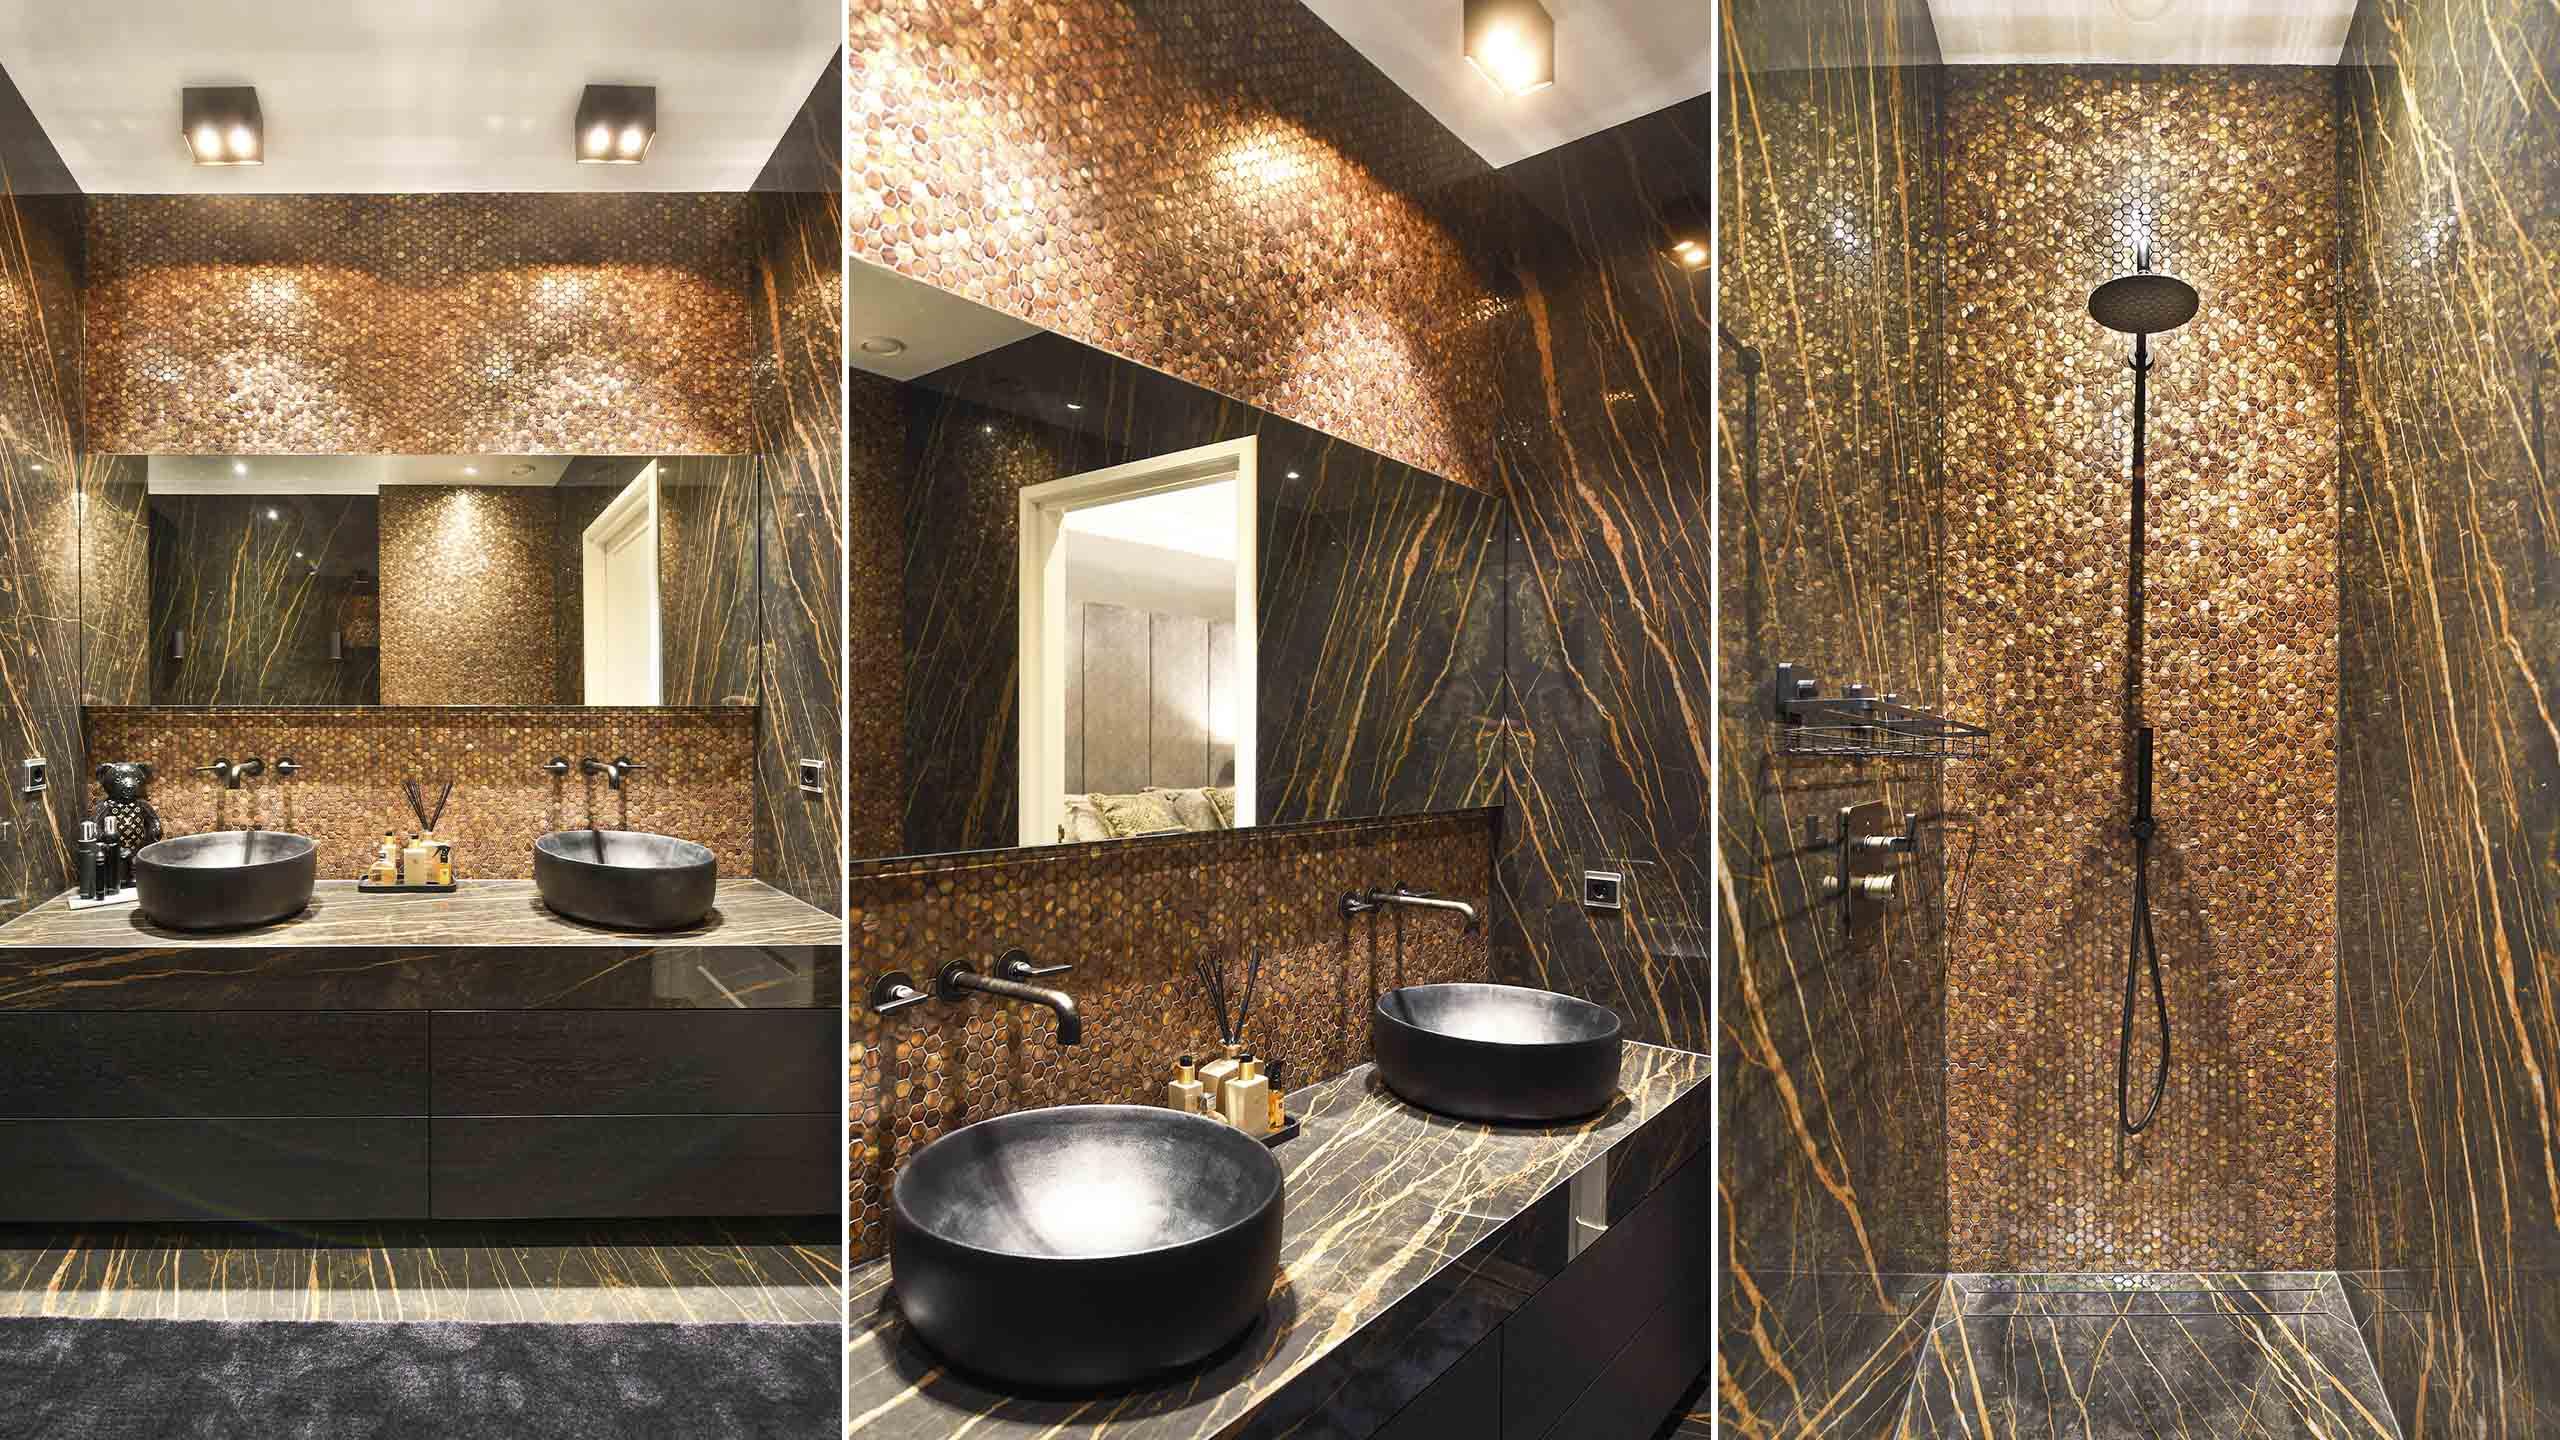 Gentle Earth Bathroom 2021 project